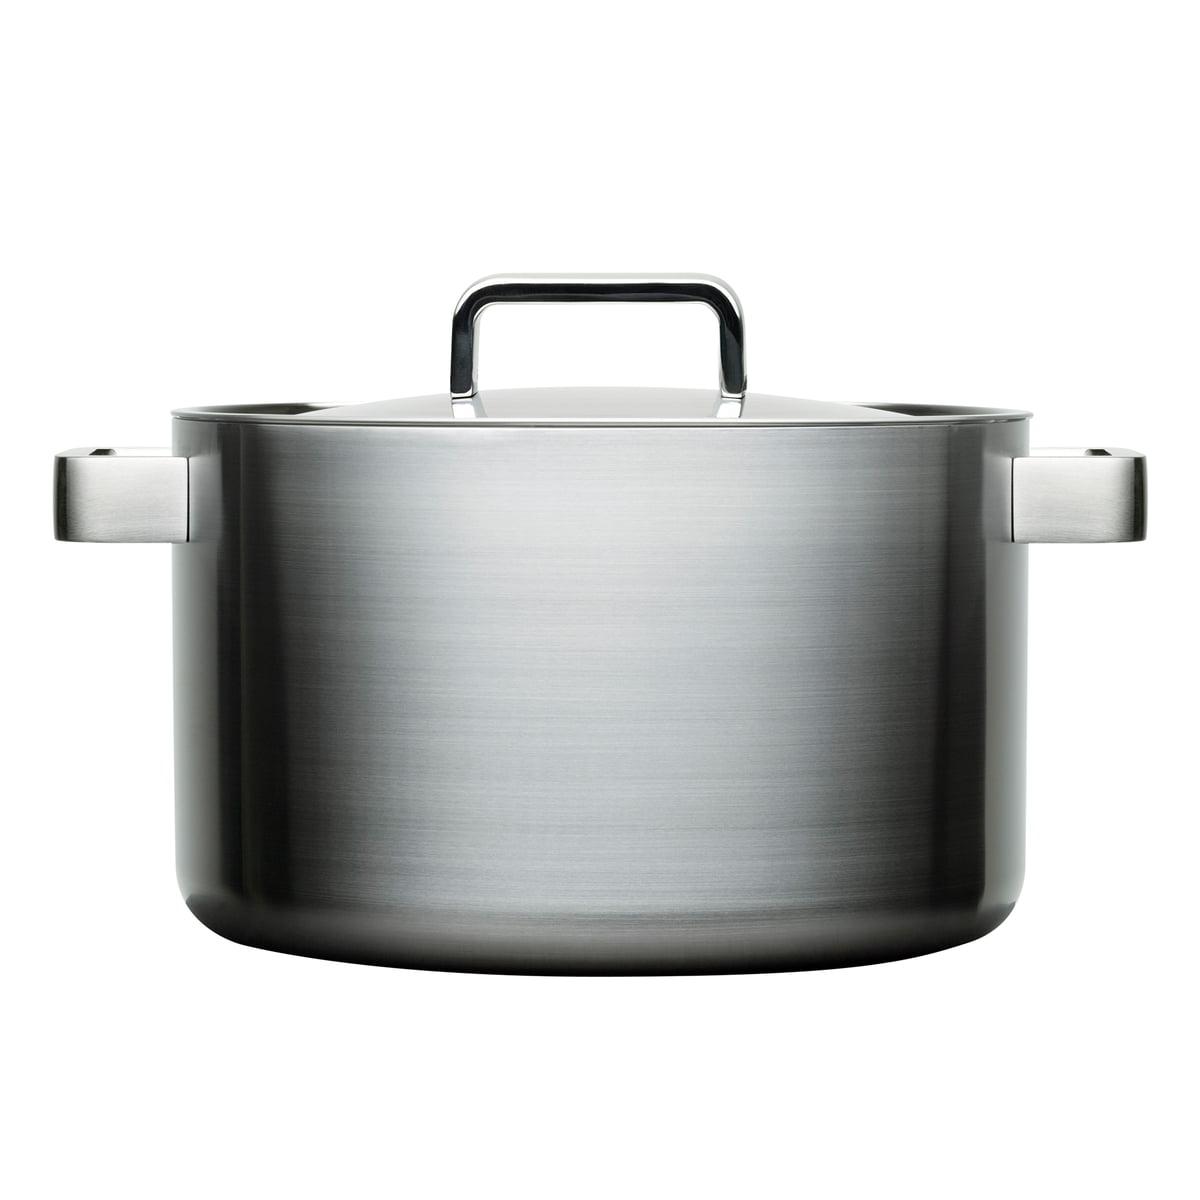 Iittala - Tools Topf mit Deckel, 26 cm   Küche und Esszimmer > Kochen und Backen > Töpfe   Iittala